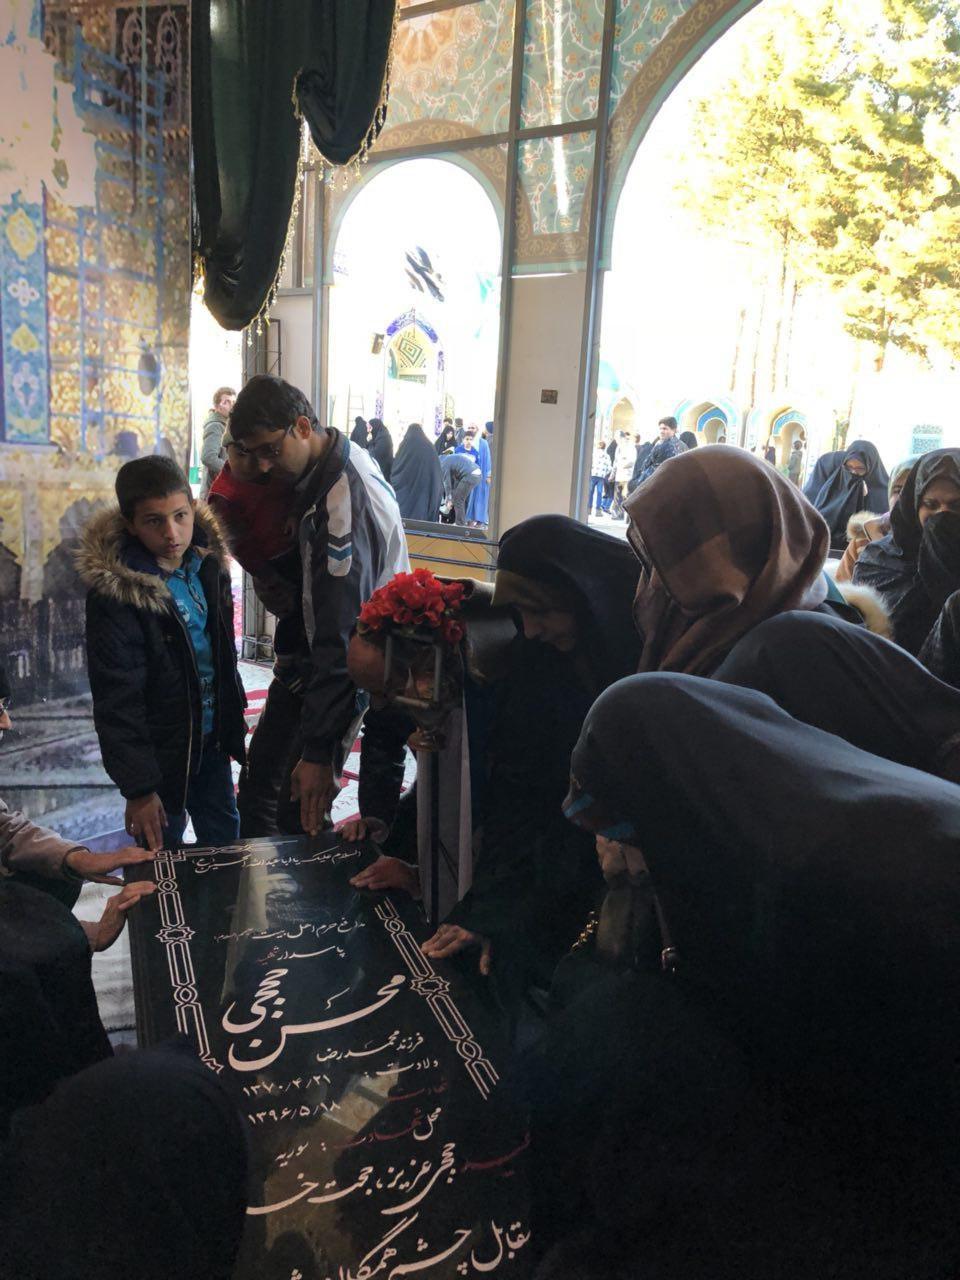 عکس| حال و روز مقبره شهید حججی در نجفآباد